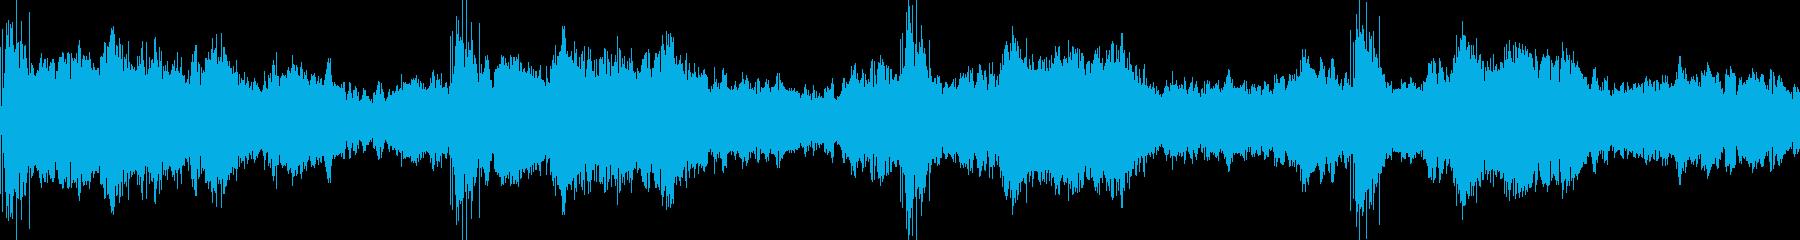 不気味な洋館に入った時のような音の再生済みの波形